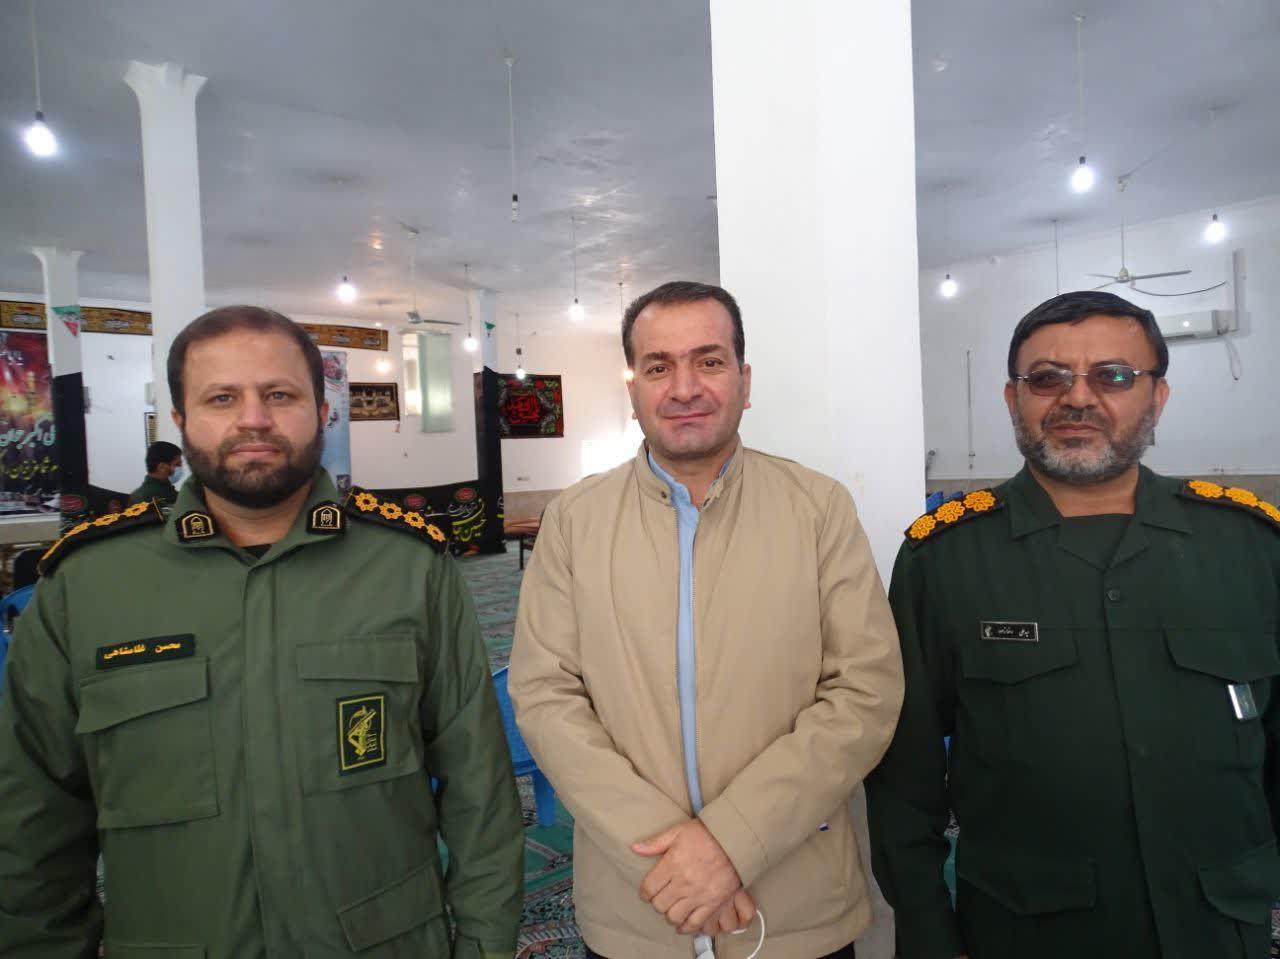 پیام تبریک رئیس شورای اسلامی شهر باشت به فرمانده جدید ناحیه مقاومت بسیج شهرستان باشت